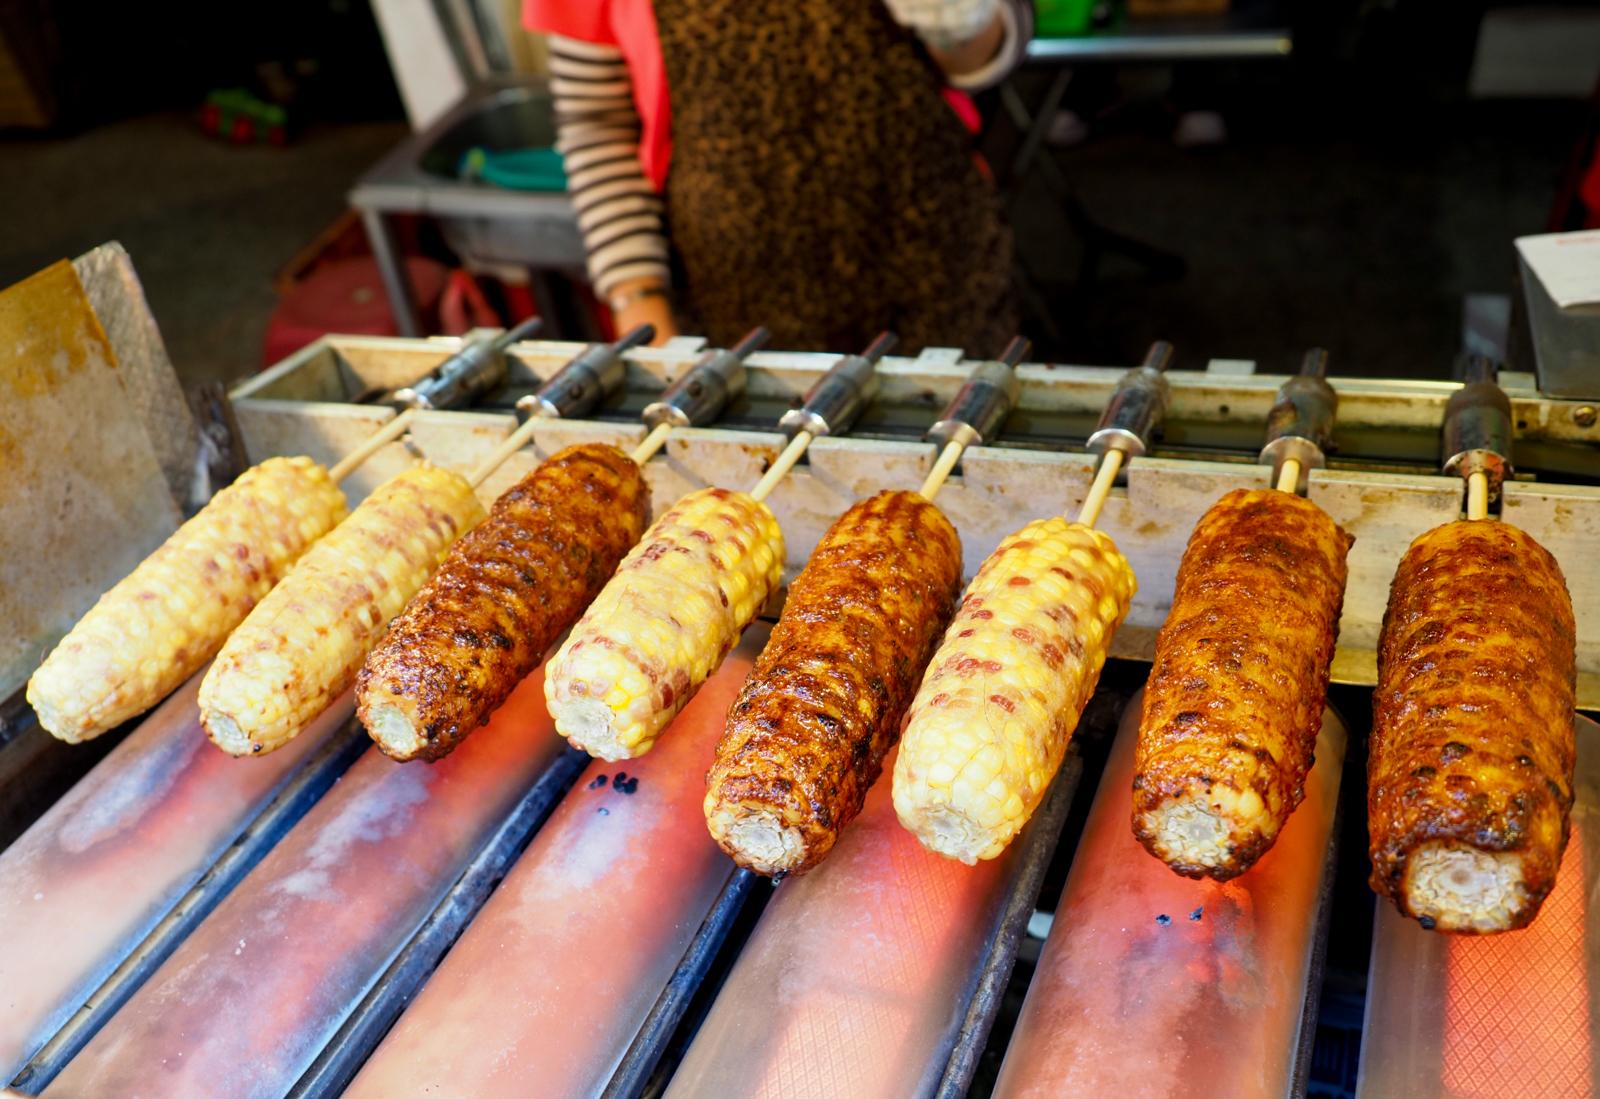 【七堵美食】七堵烤玉米 七堵南興市場烤玉米老店 一烤飄香十二個年頭